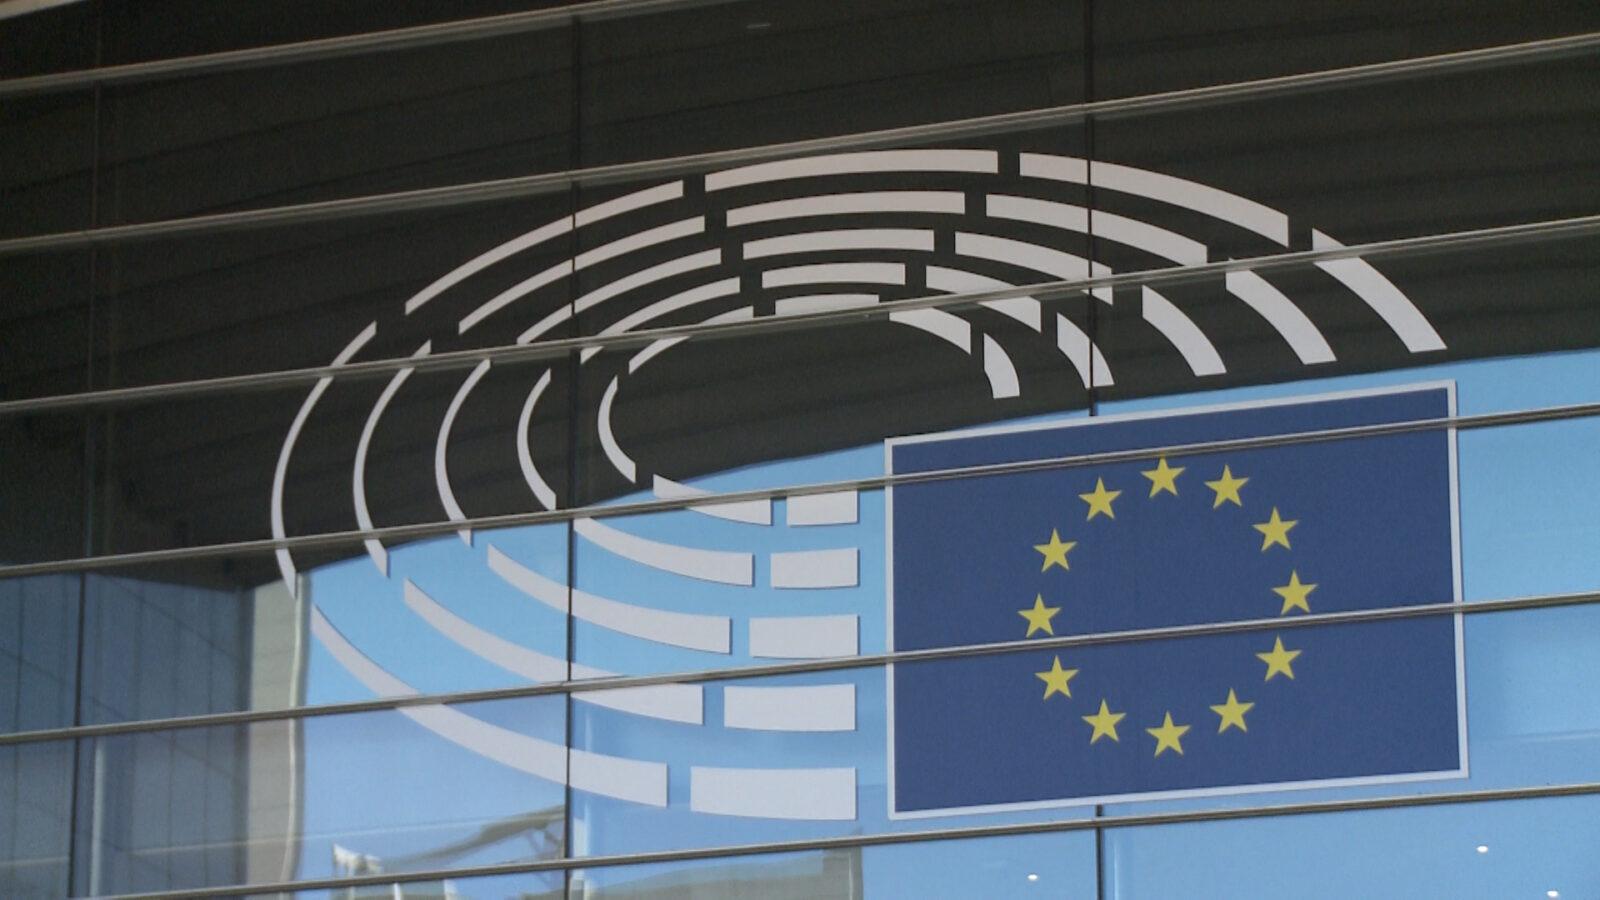 Projekt nowelizacji ustawy o krajowym cyberbezpieczeństwie niezgodny z unijnym prawem. Może wywołać spór z Komisją Europejską